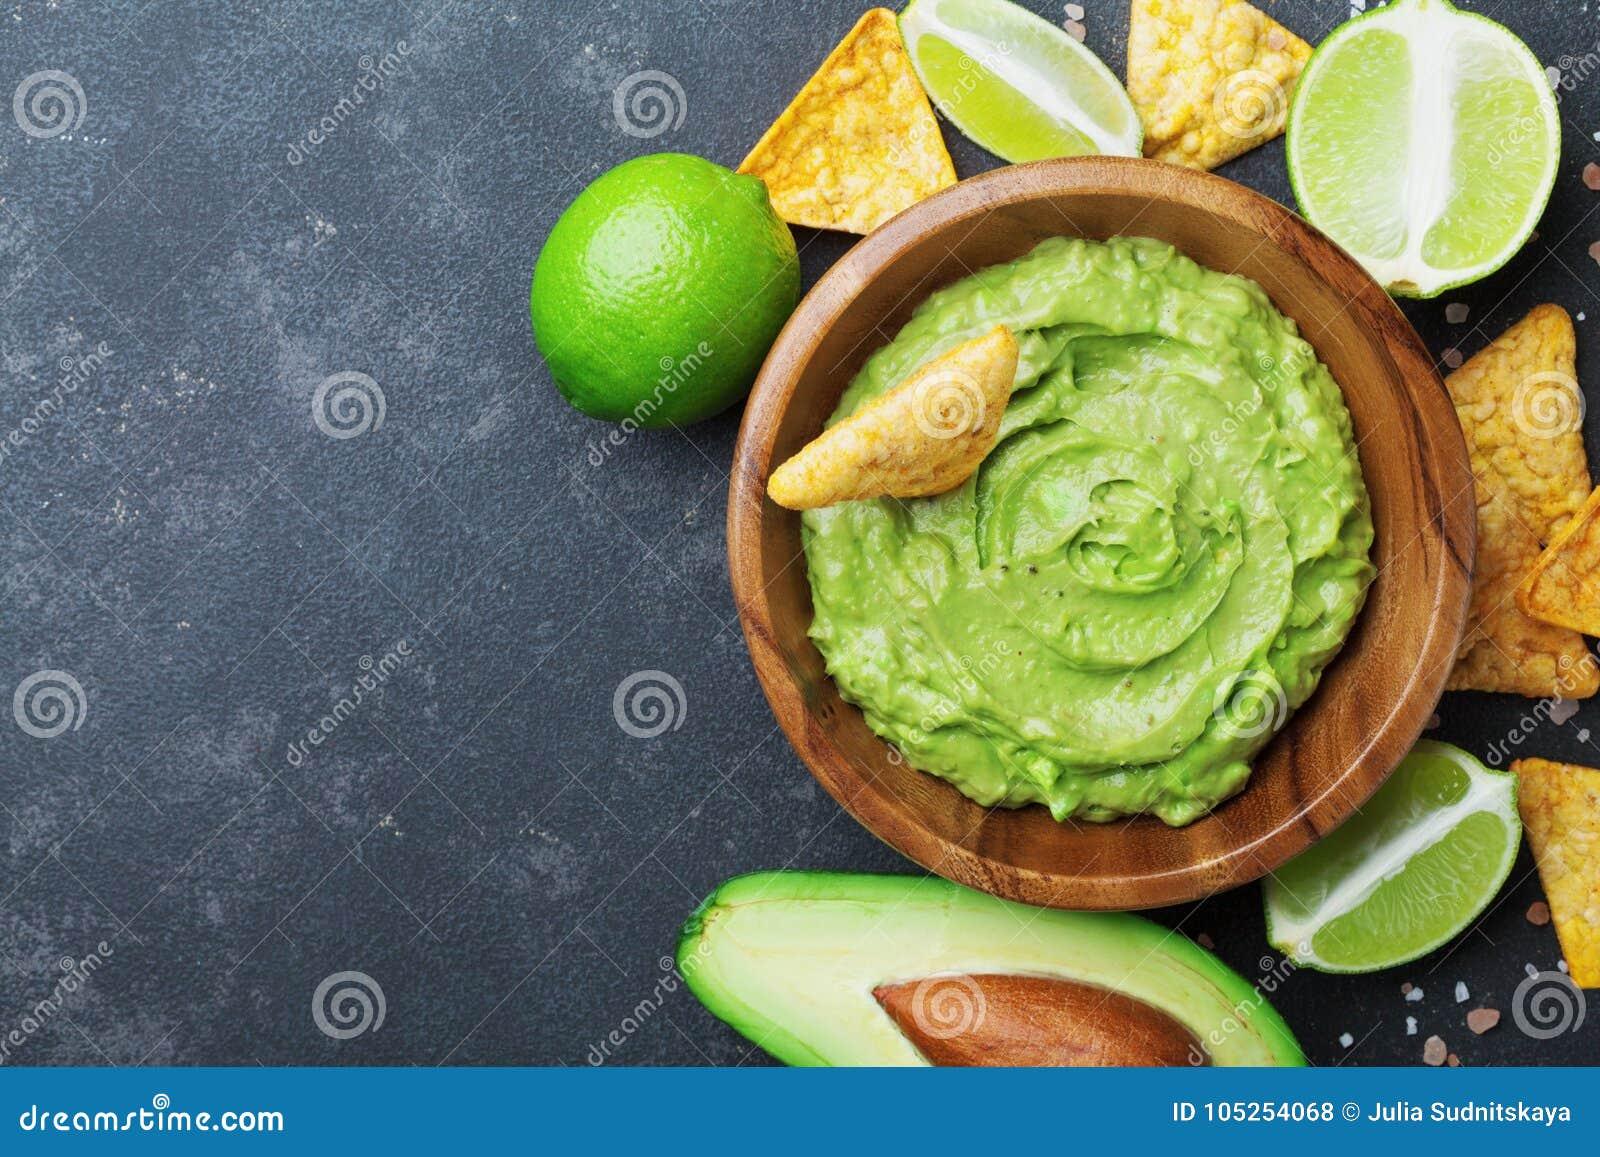 Mergulho fresco do guacamole com abacate, cal e nachos na opinião de tampo da mesa preta Copie o espaço Alimento mexicano tradici